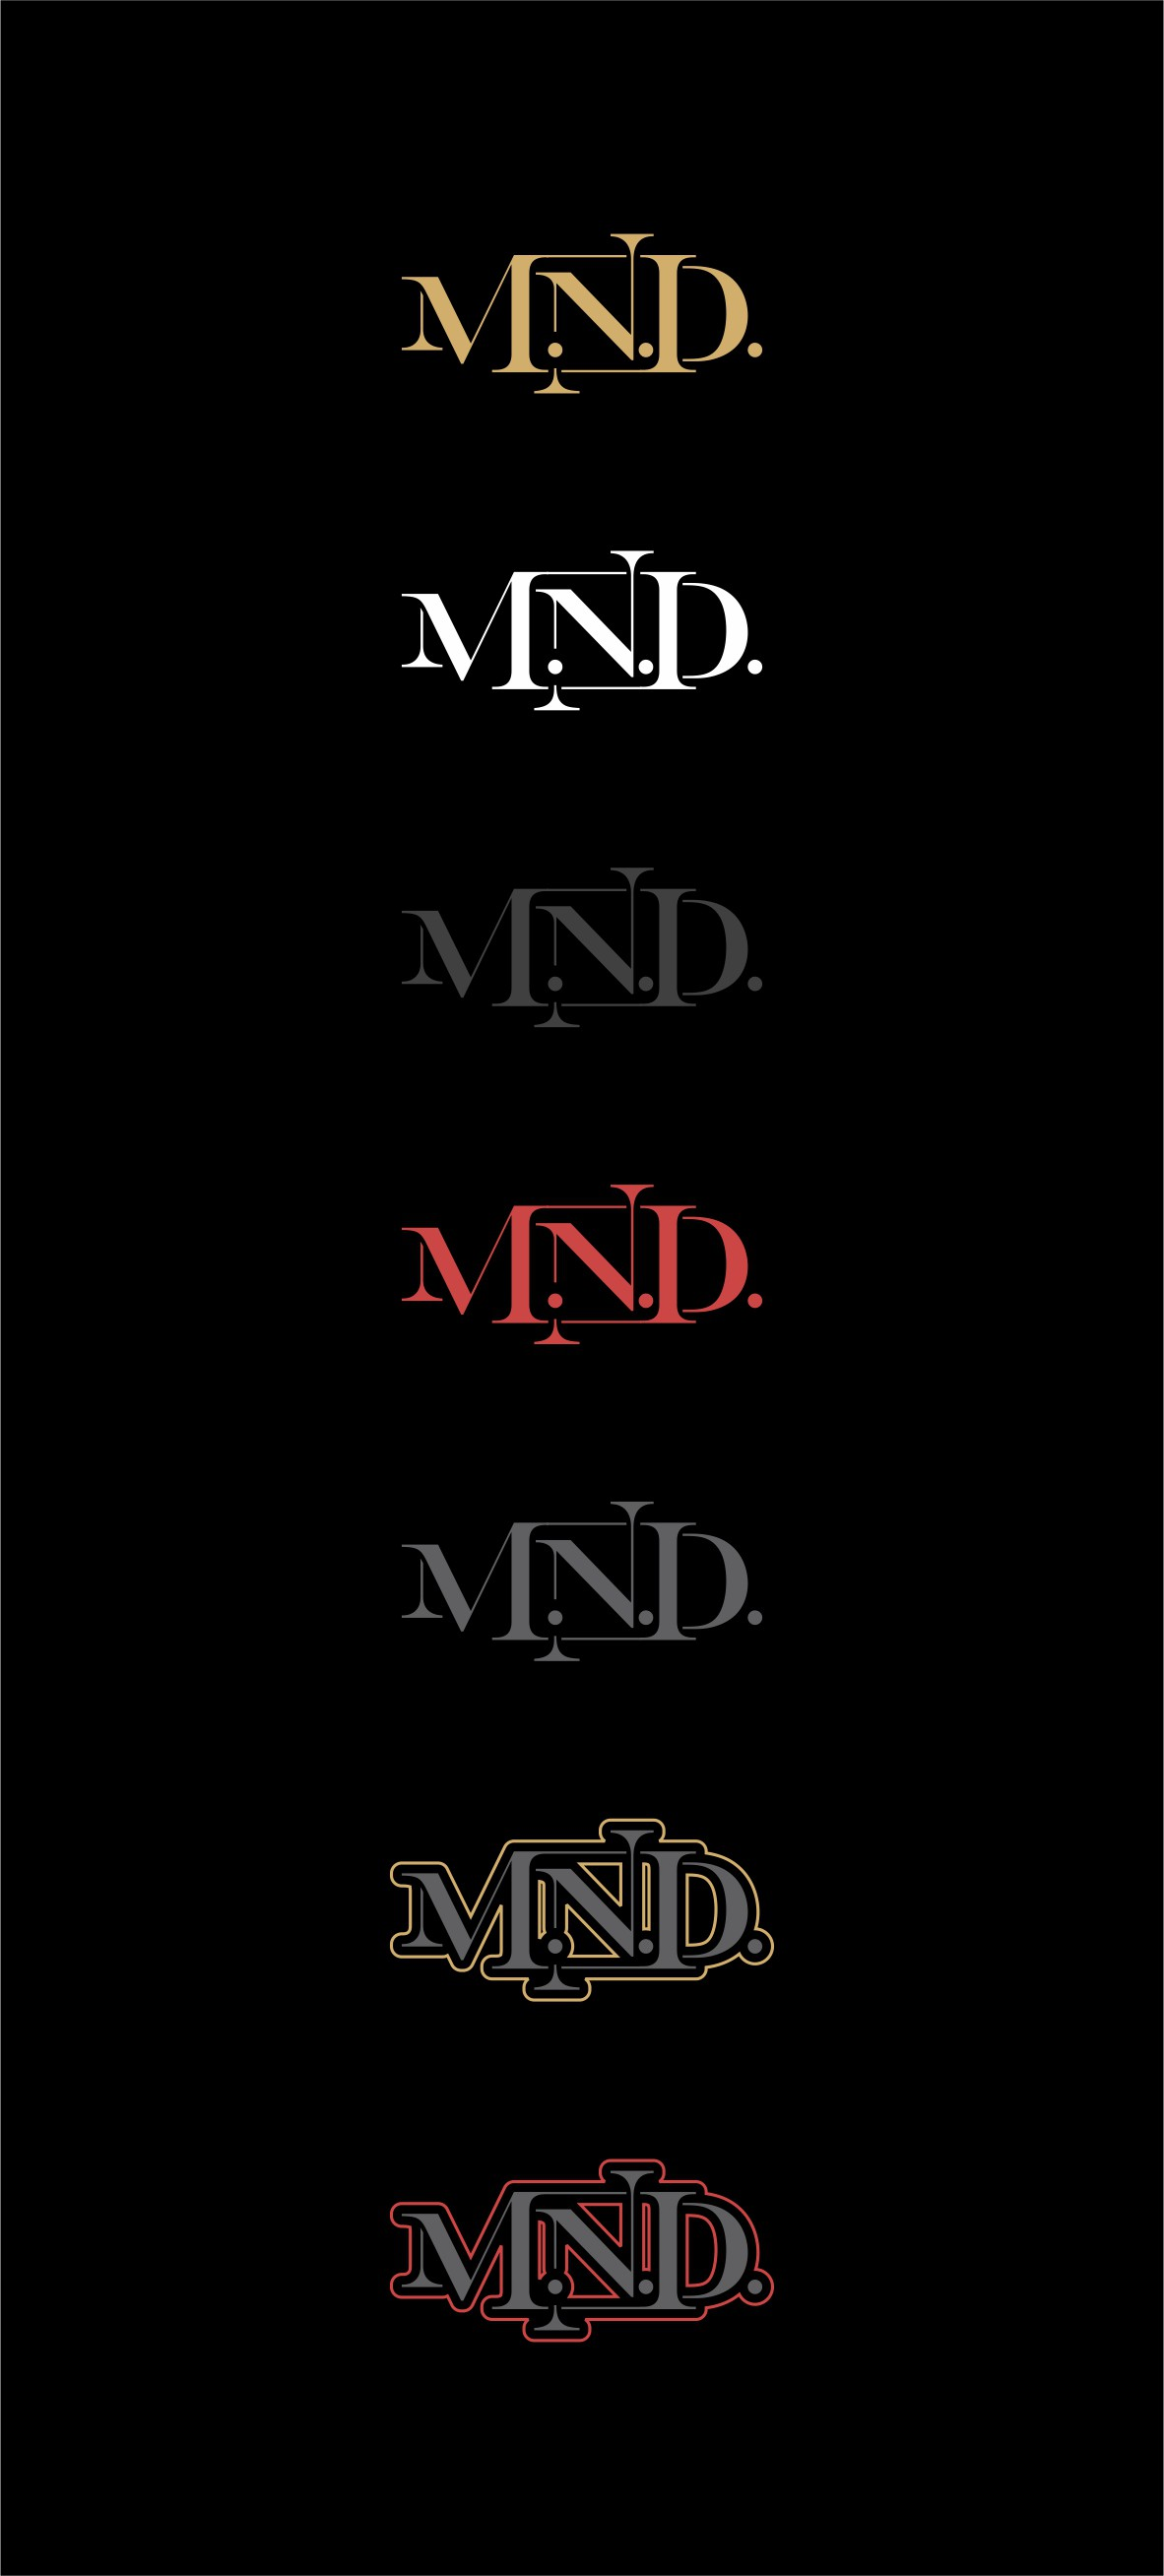 Rap artist M.N.D. logo